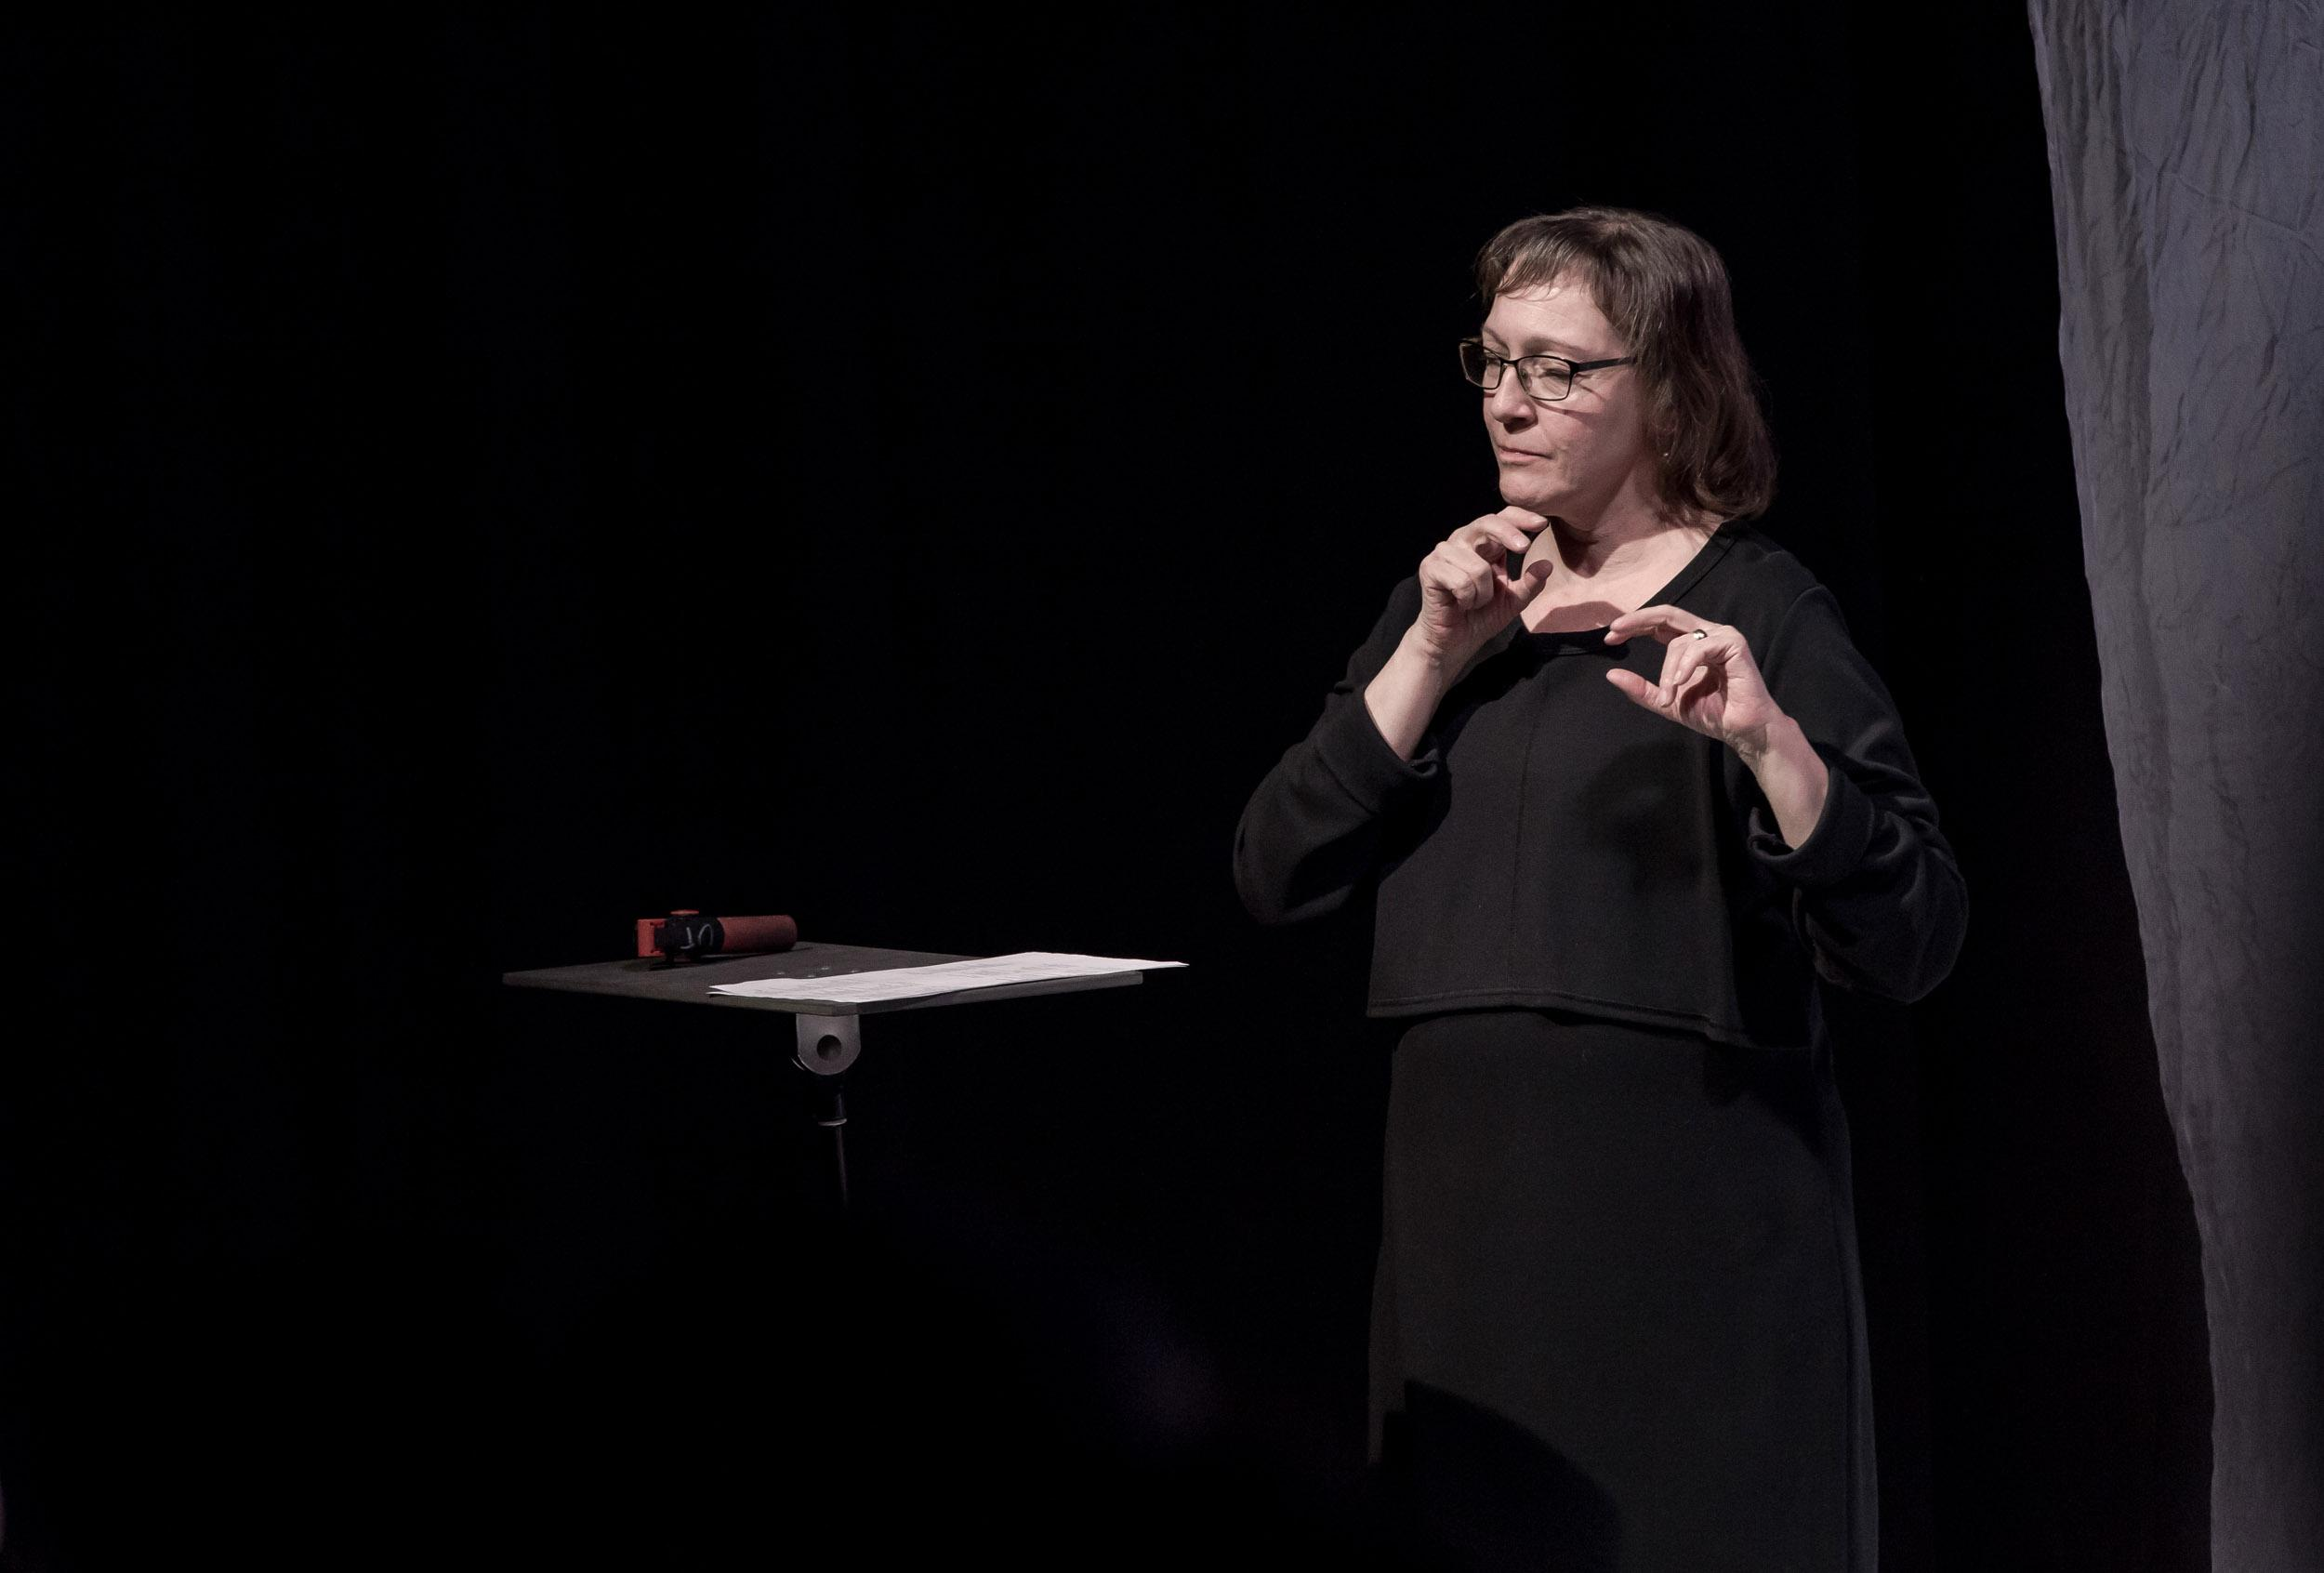 Viittomakielen tulkki Susanna Söderlund